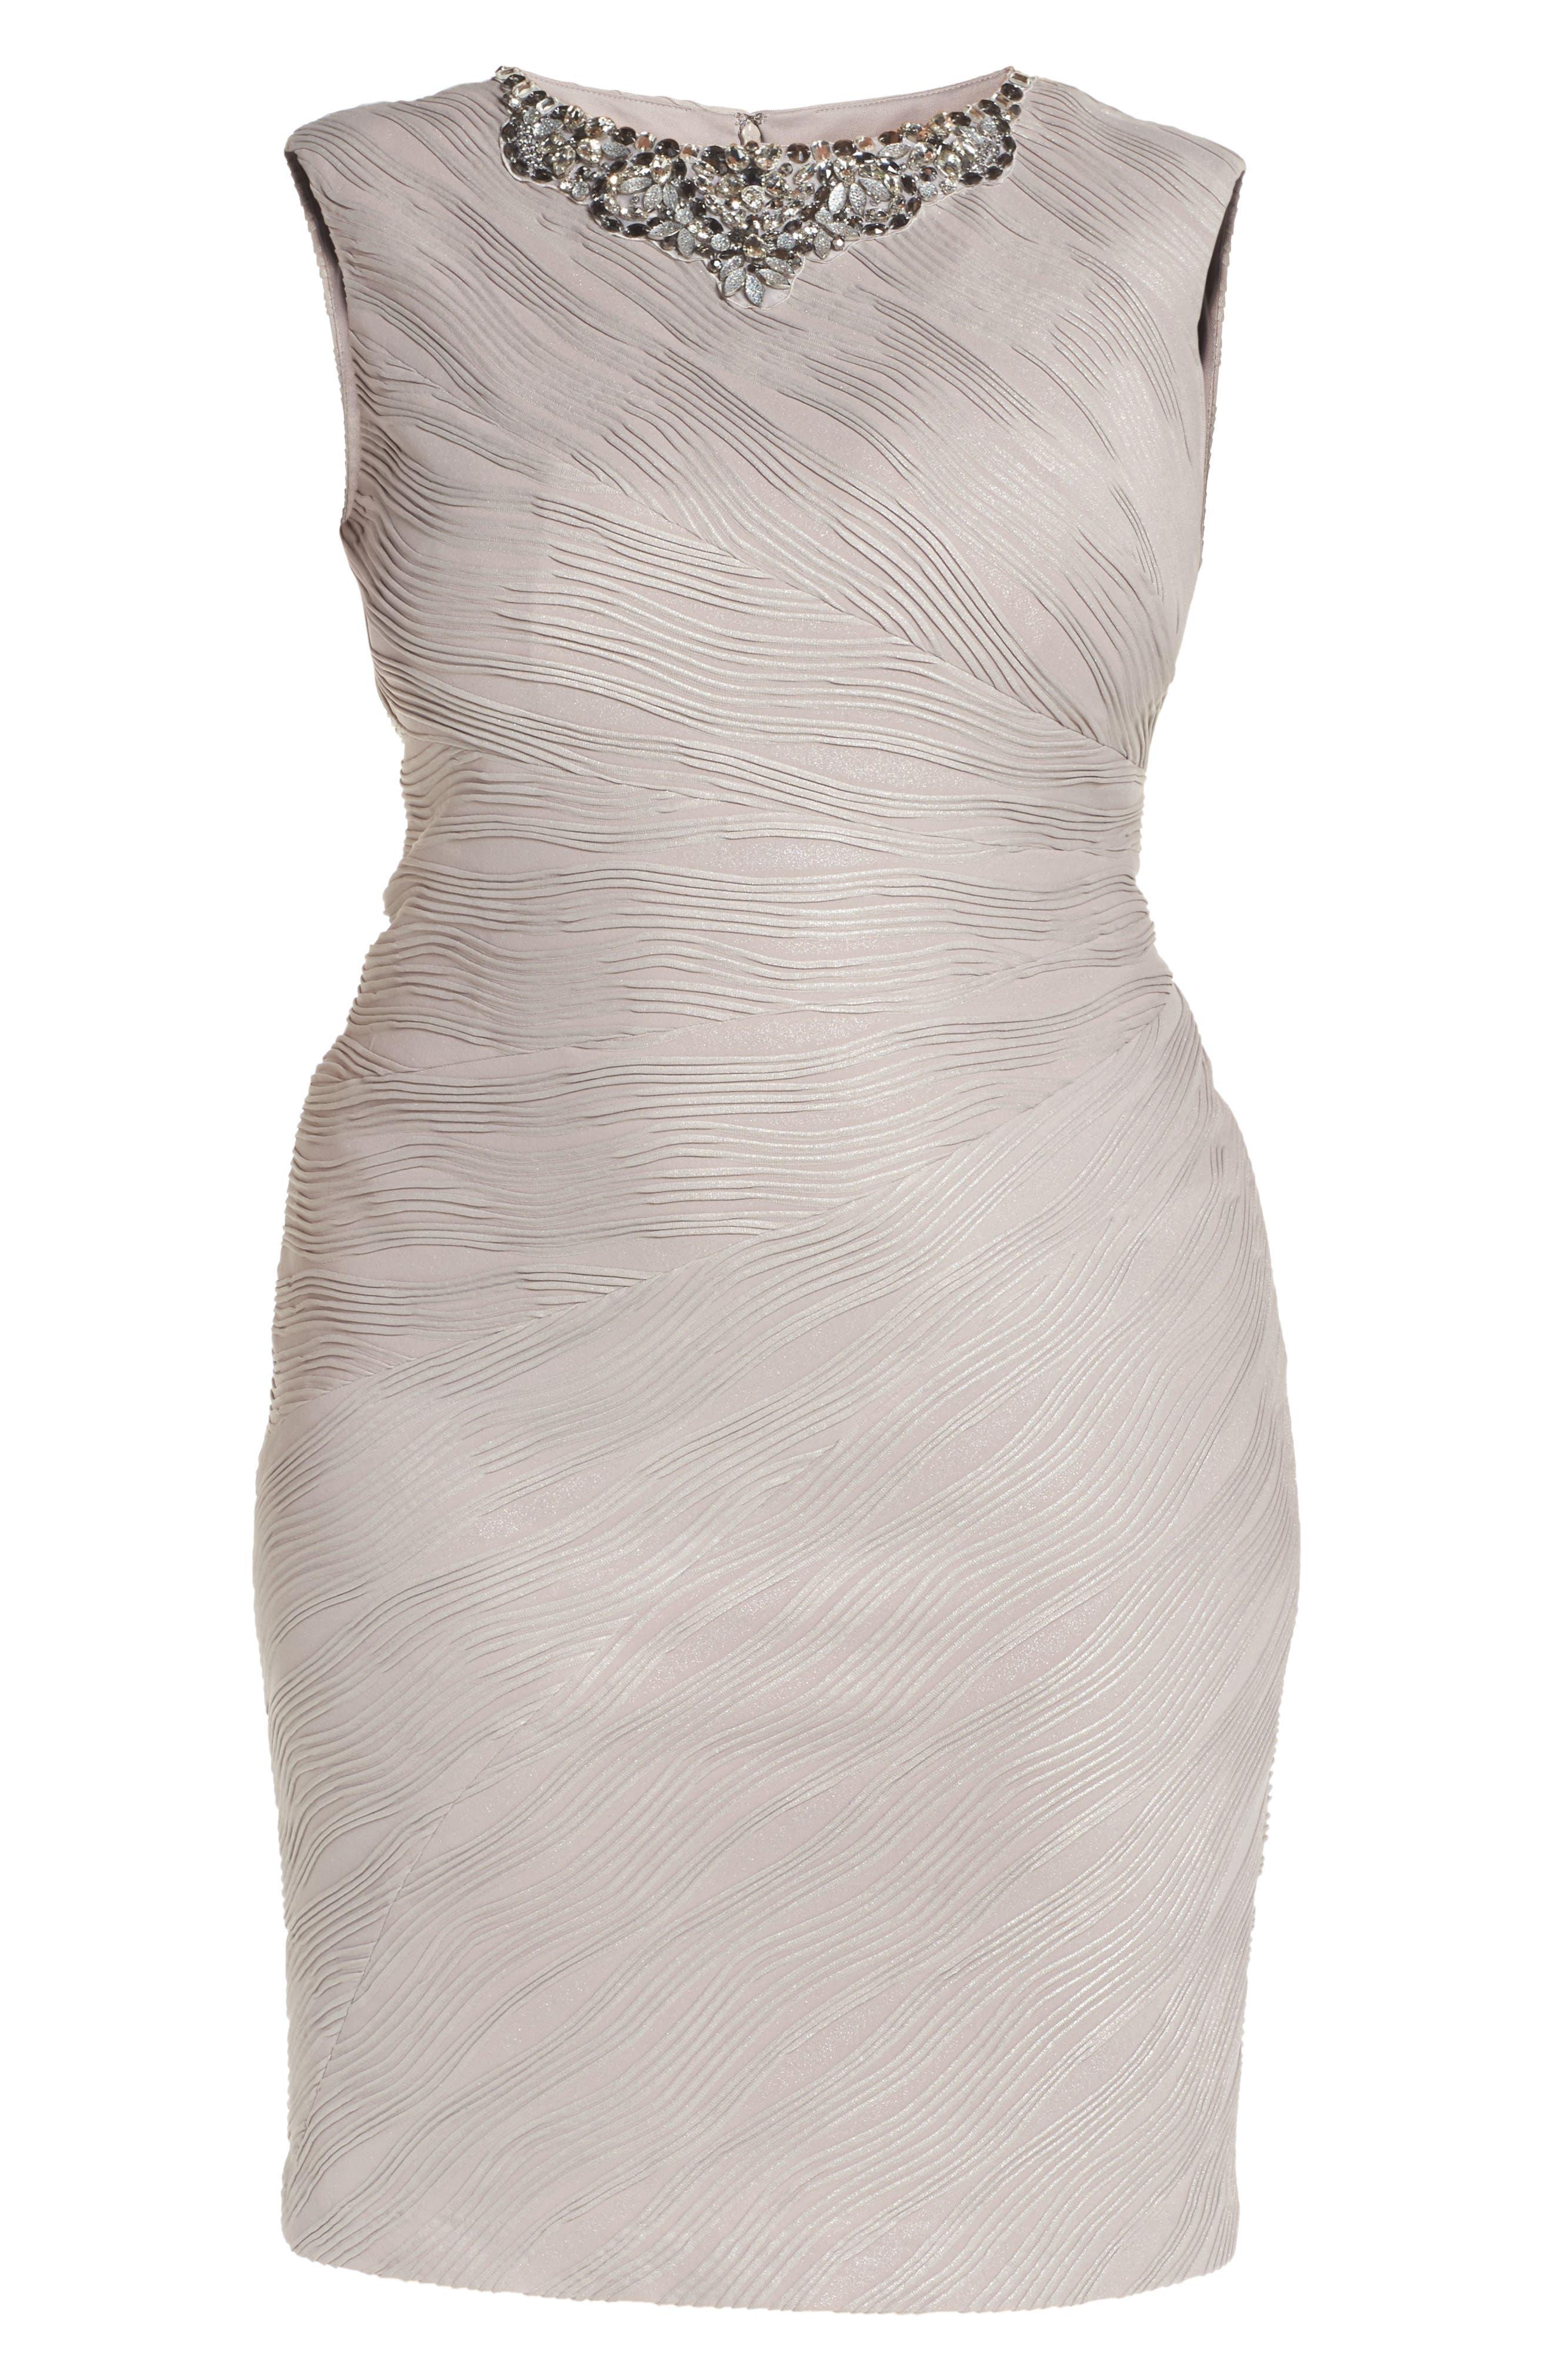 Embellished Neckline Sheath Dress,                             Alternate thumbnail 6, color,                             256